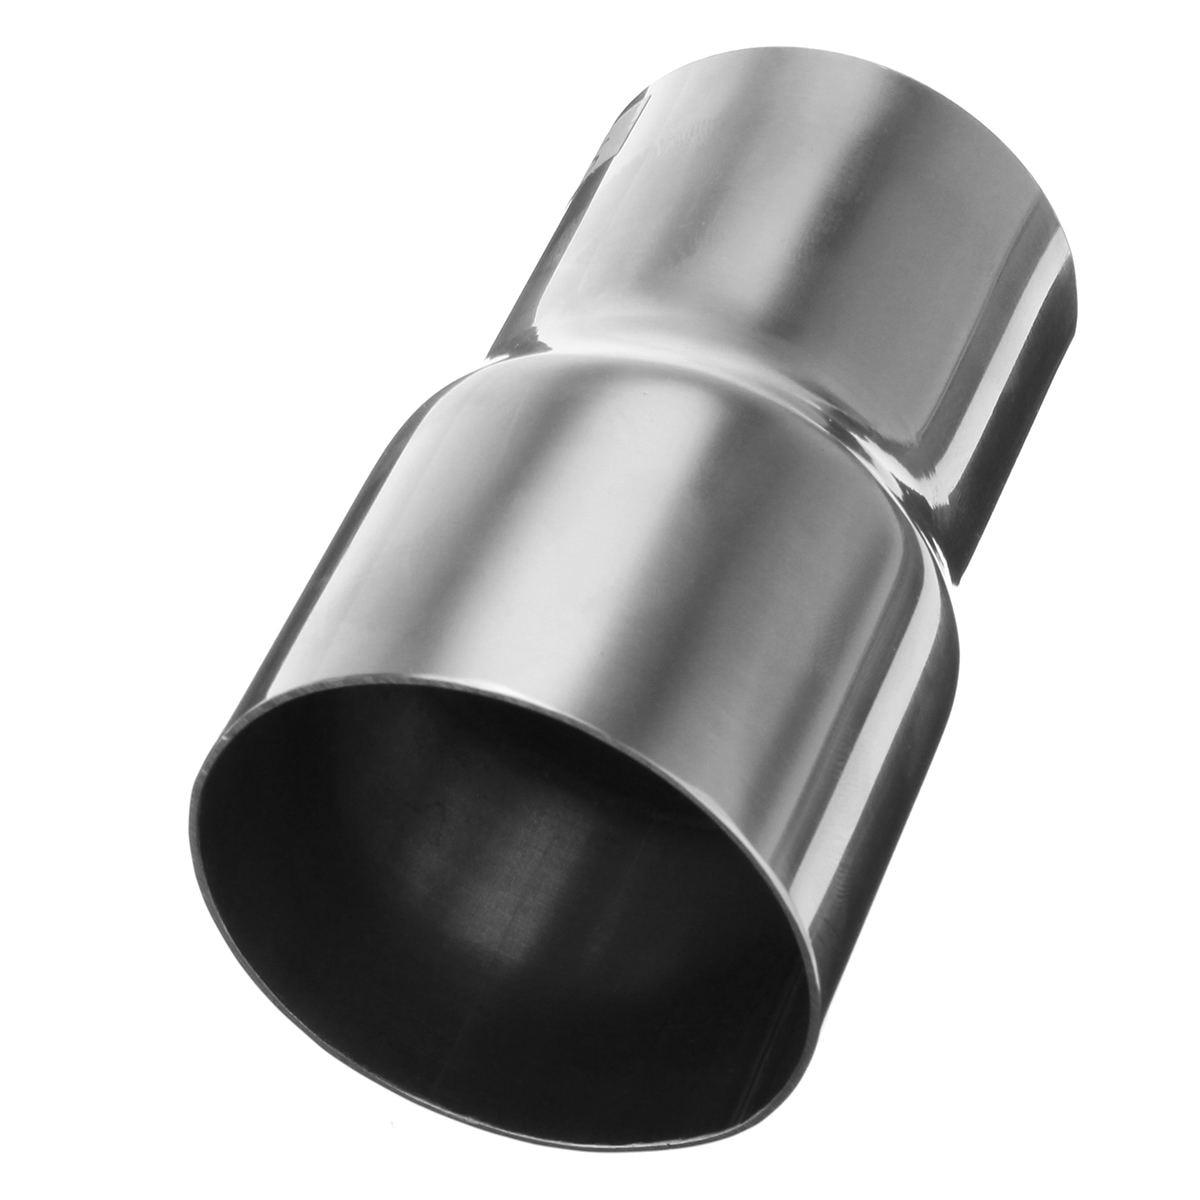 6 boyutu Evrensel Araba Paslanmaz Çelik Standart Egzoz Redüktör Konnektörü Boru Tüp 76mm 63mm 60mm 63mm 57mm 52mm 50mm